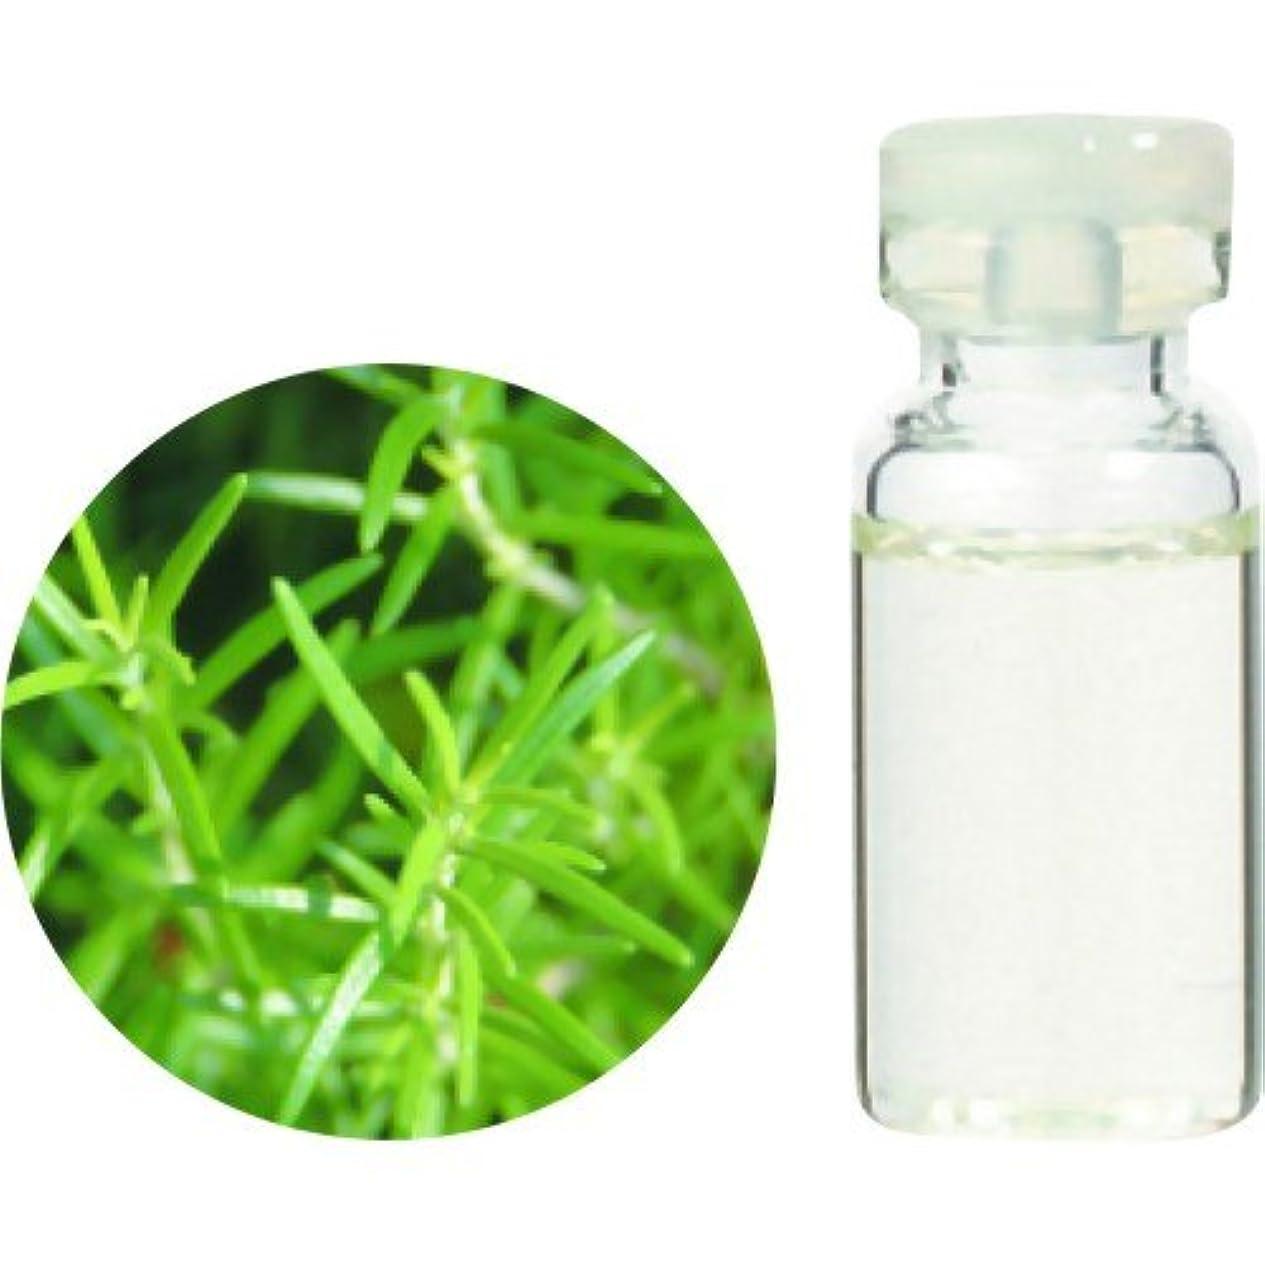 分析する従順な簡単に生活の木 Herbal Life Organic ローズマリー?シネオール 10ml